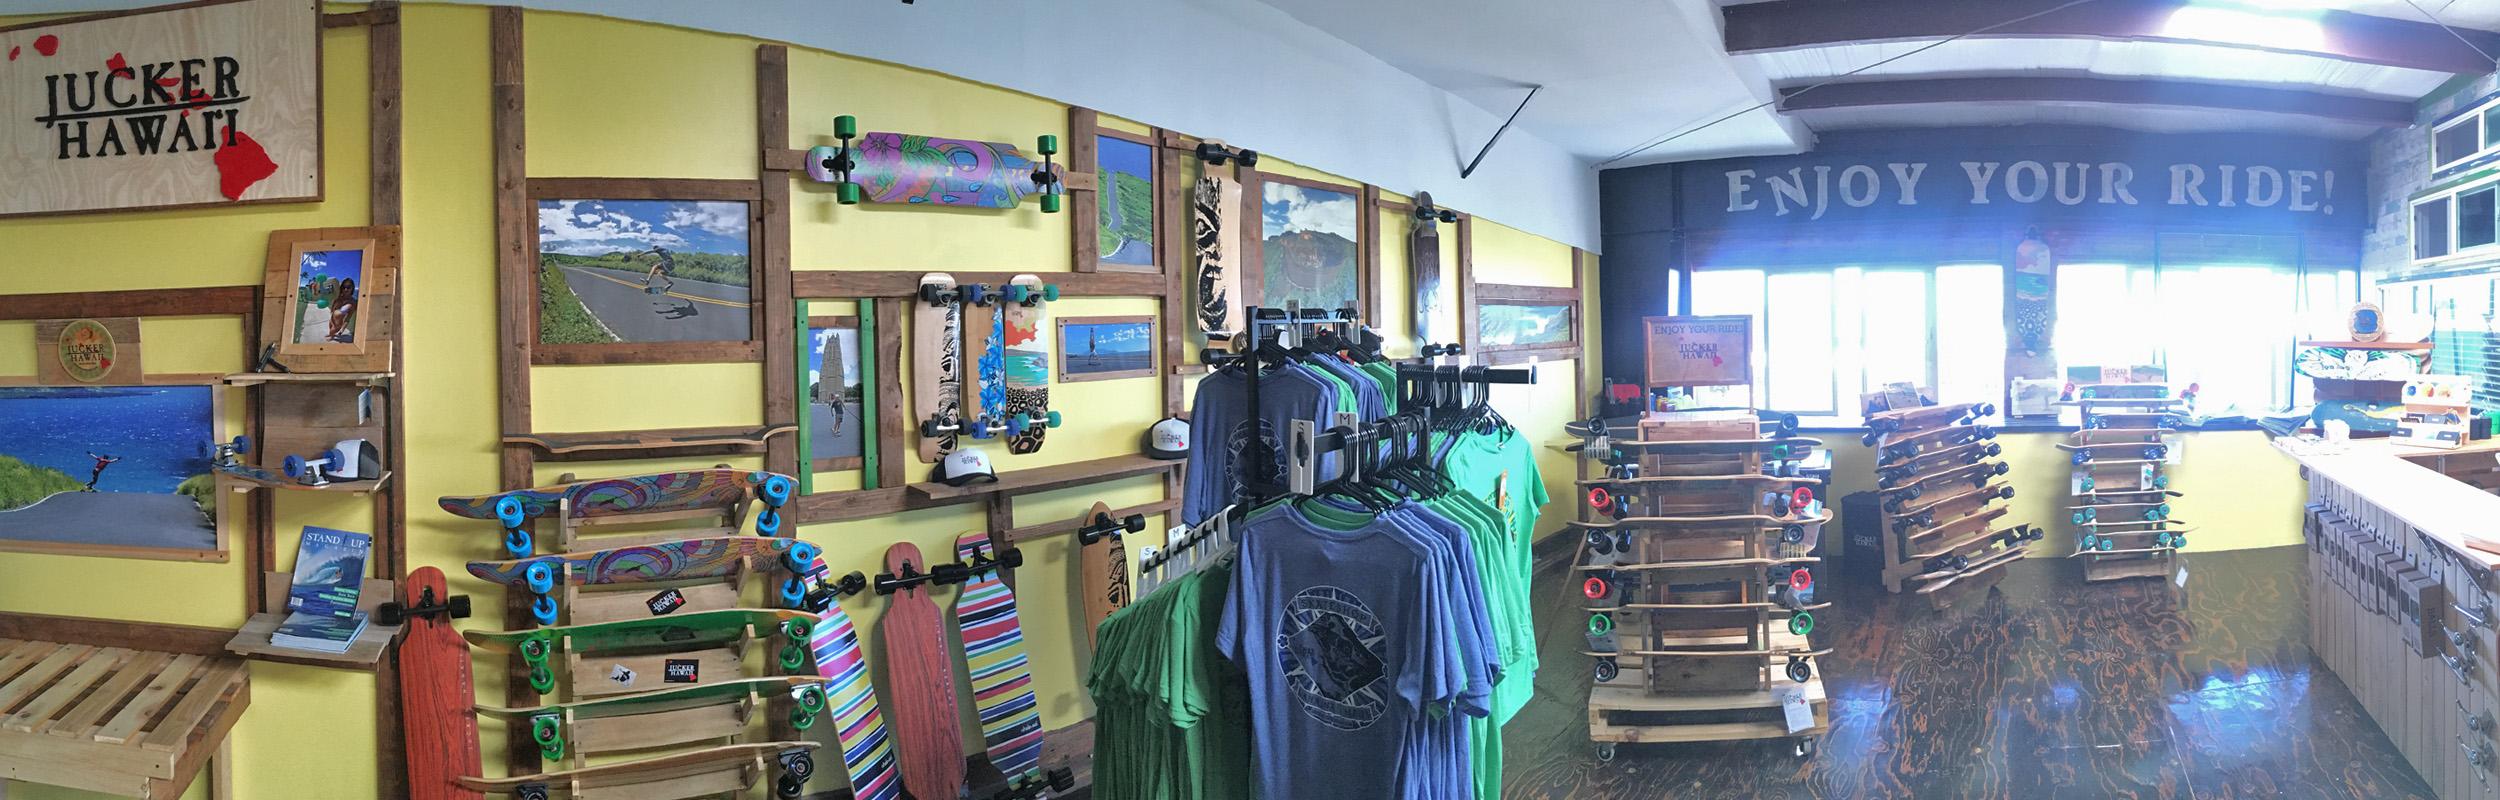 lahaina skate shop